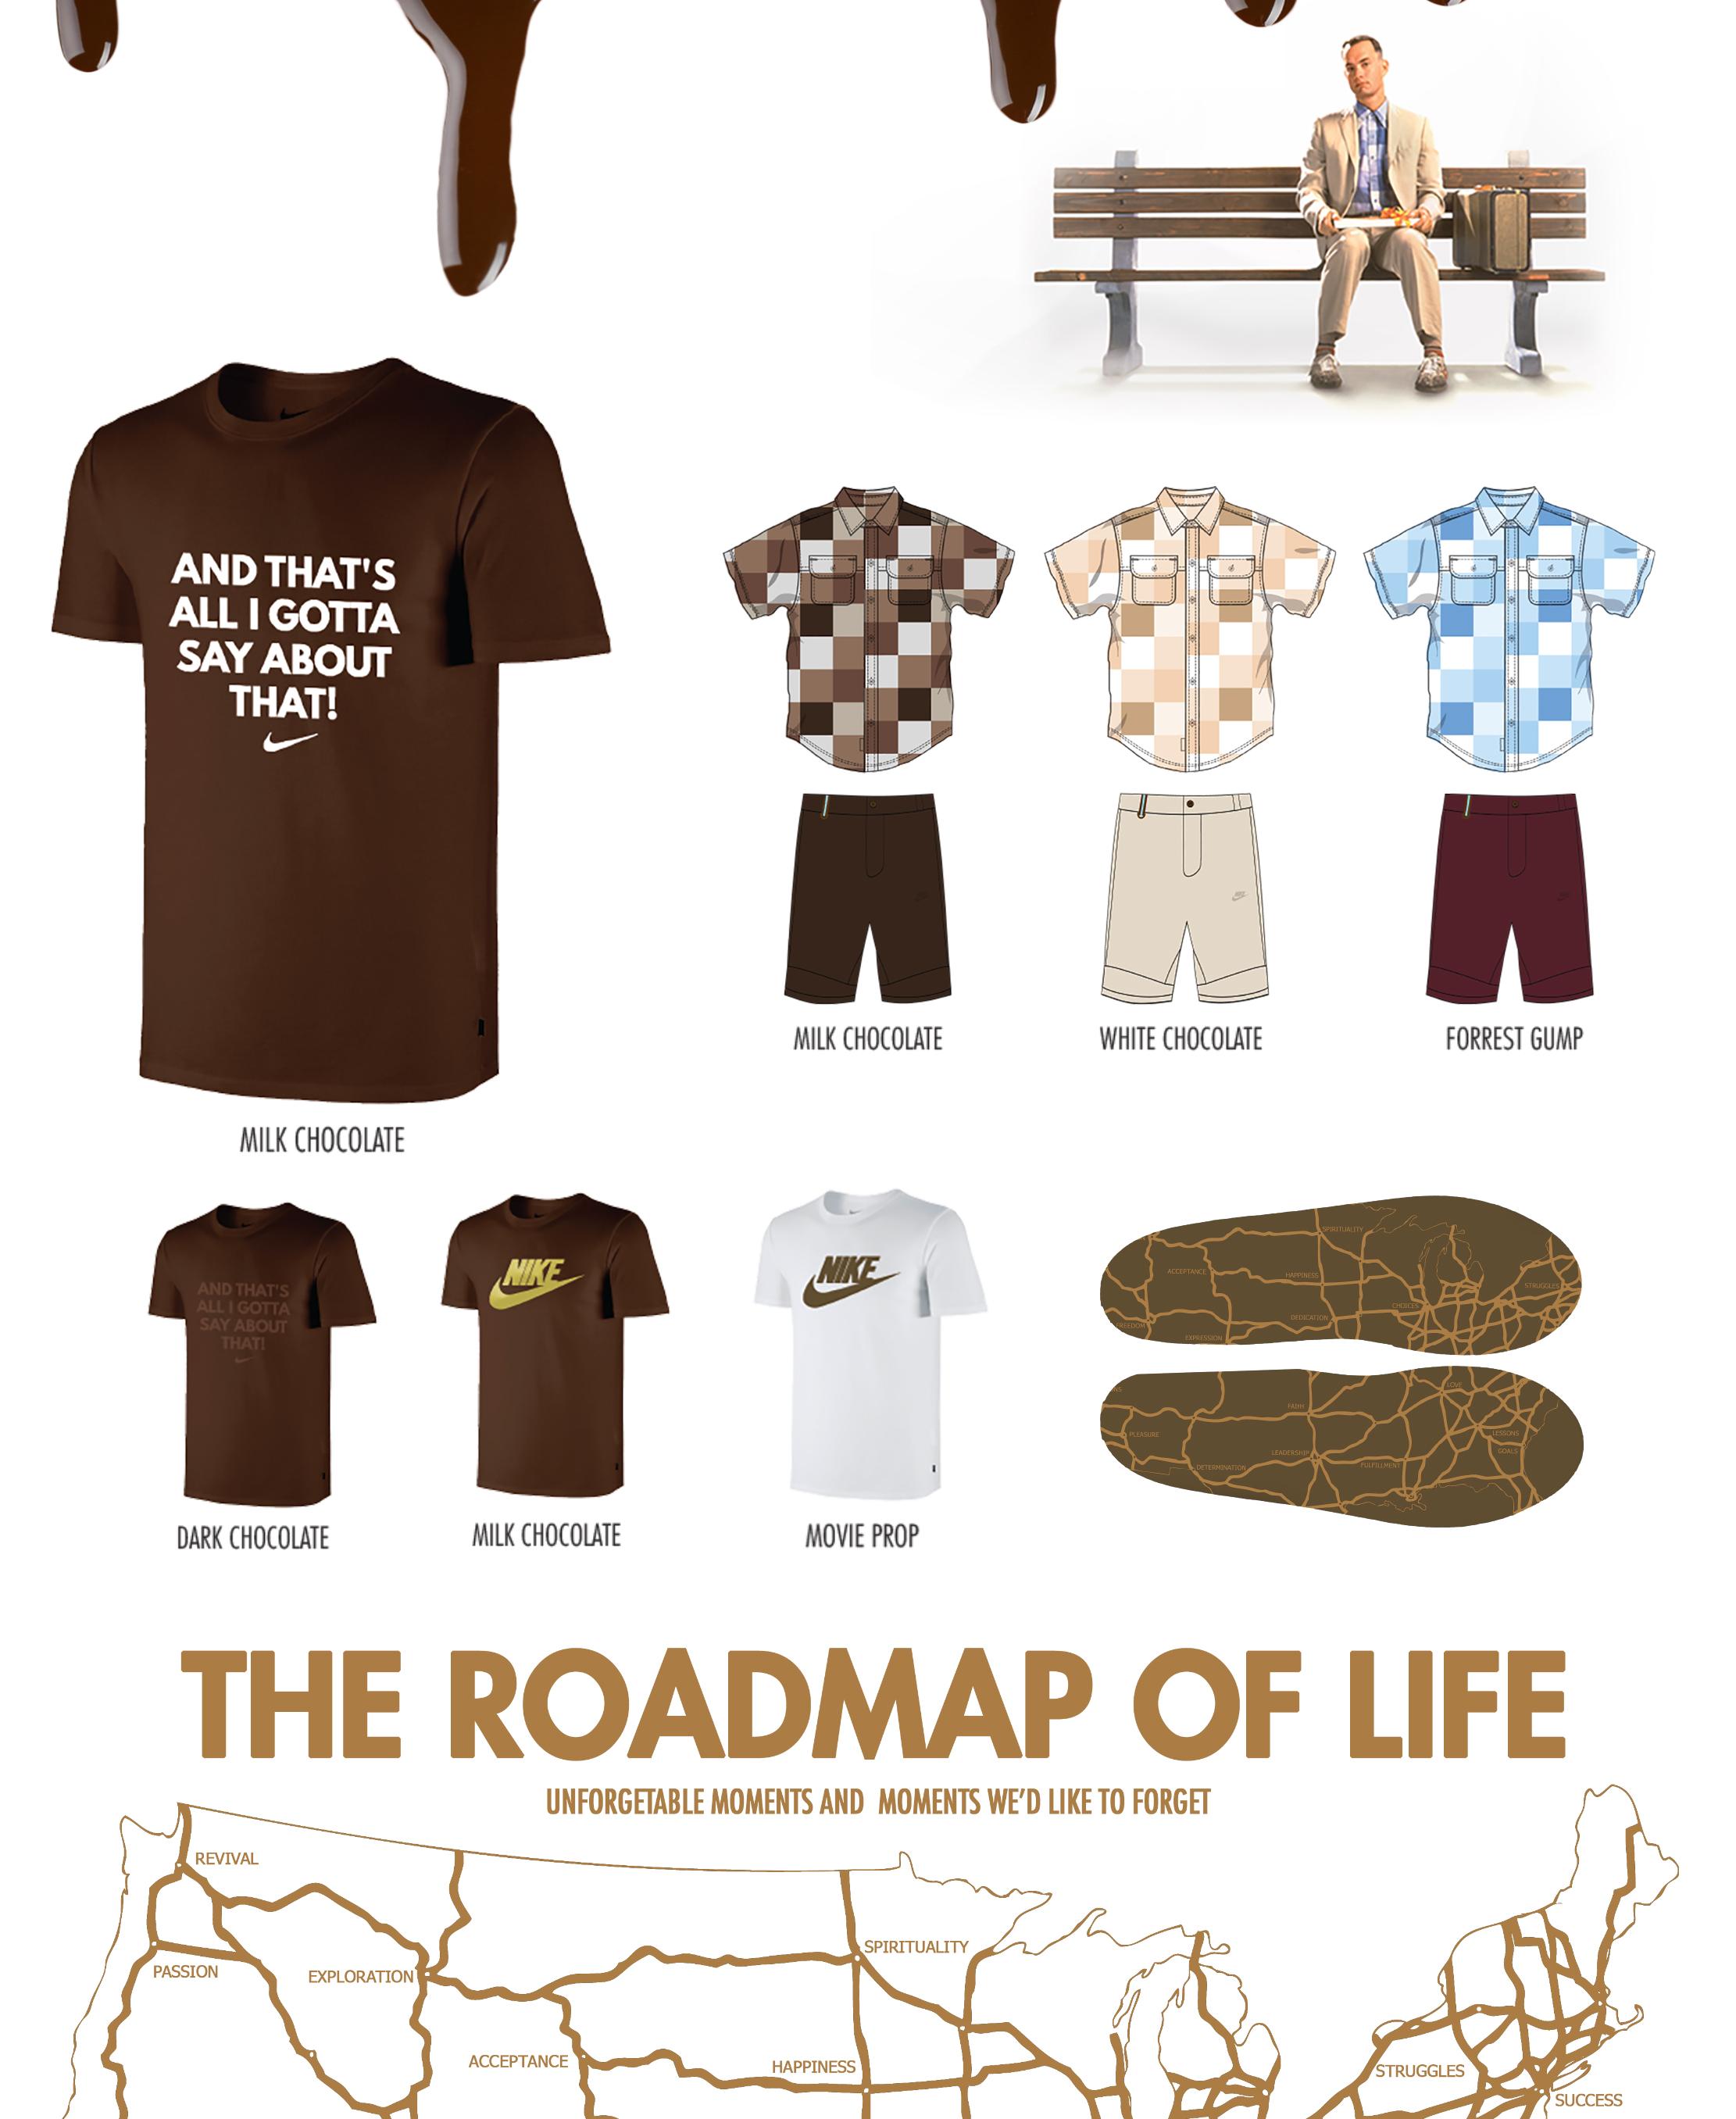 003-06-Nike_Timeline-My_Nike_Pieces-Camo-Gump.jpg